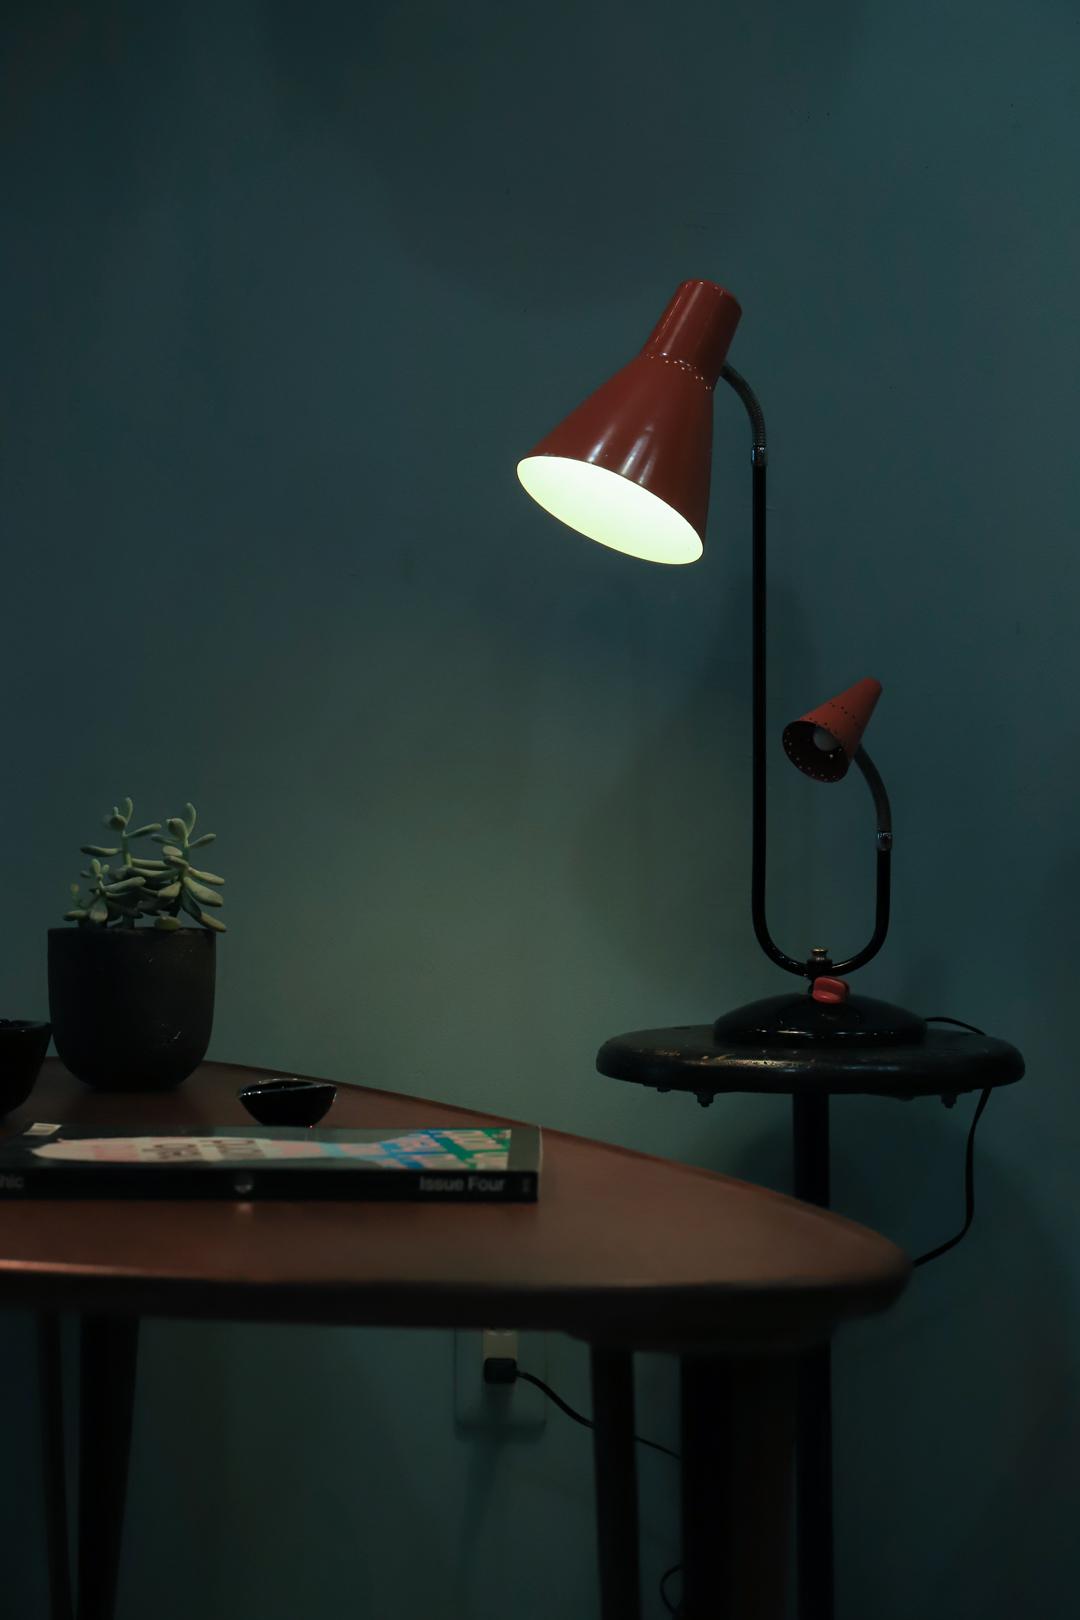 1950's Midcentury Vintage Twin Gooseneck Table Lamp/ミッドセンチュリー ヴィンテージ テーブルランプ グースネック ダブルシェード 照明